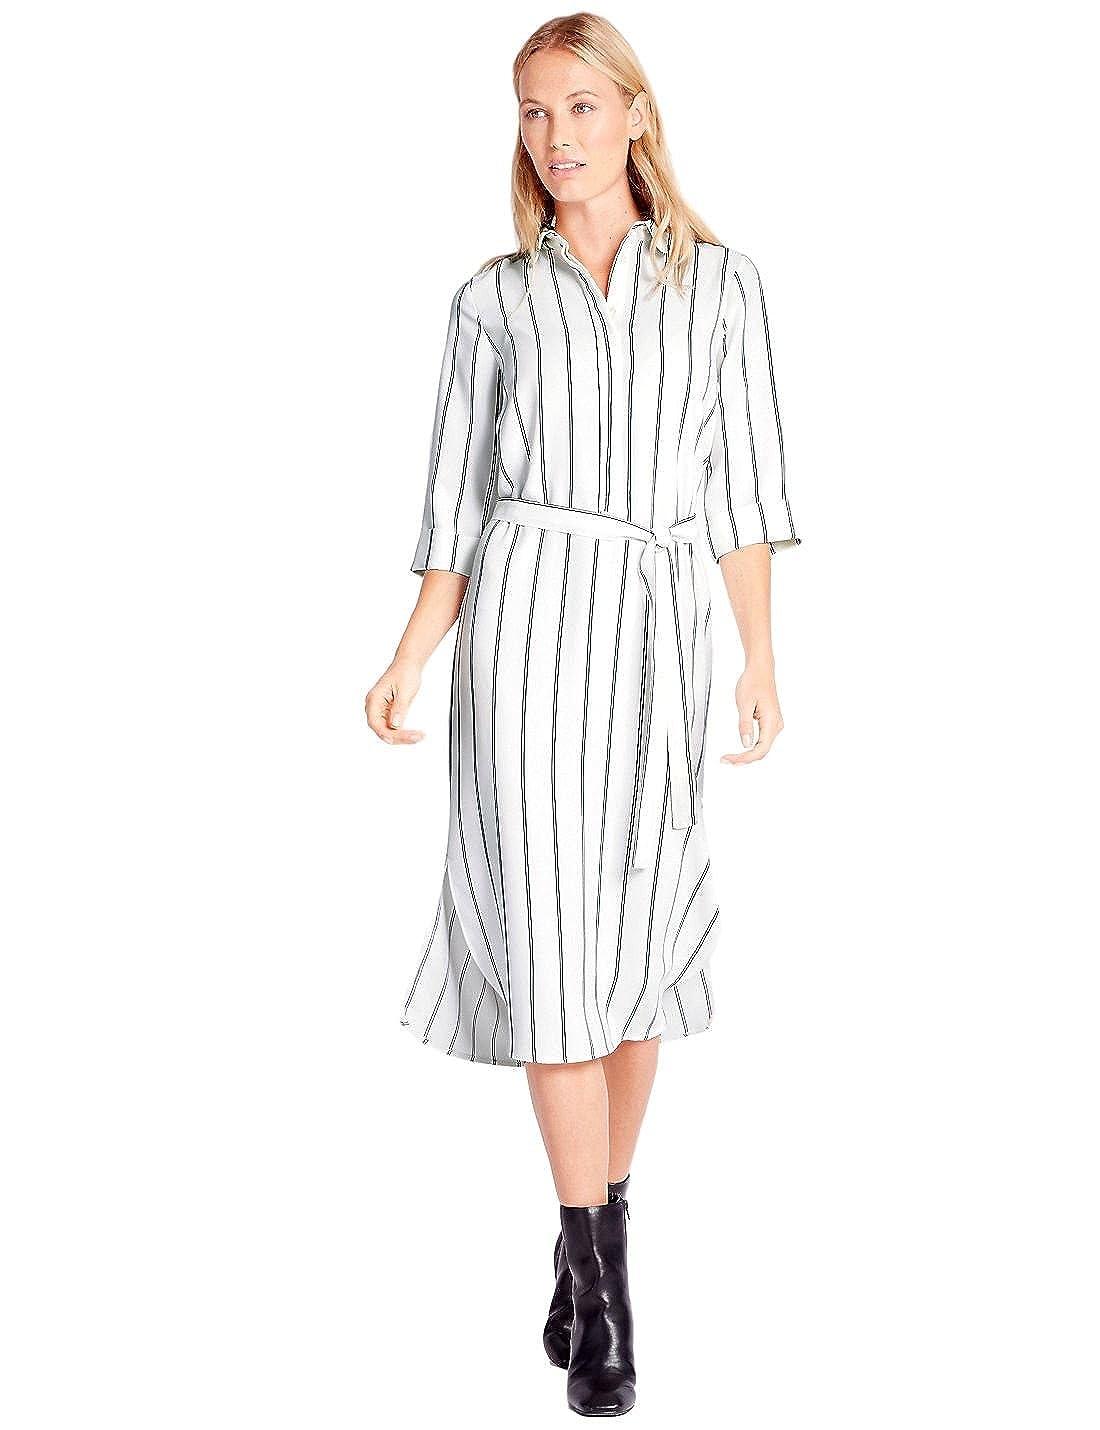 EX M&S Damen Kleid weiß beige